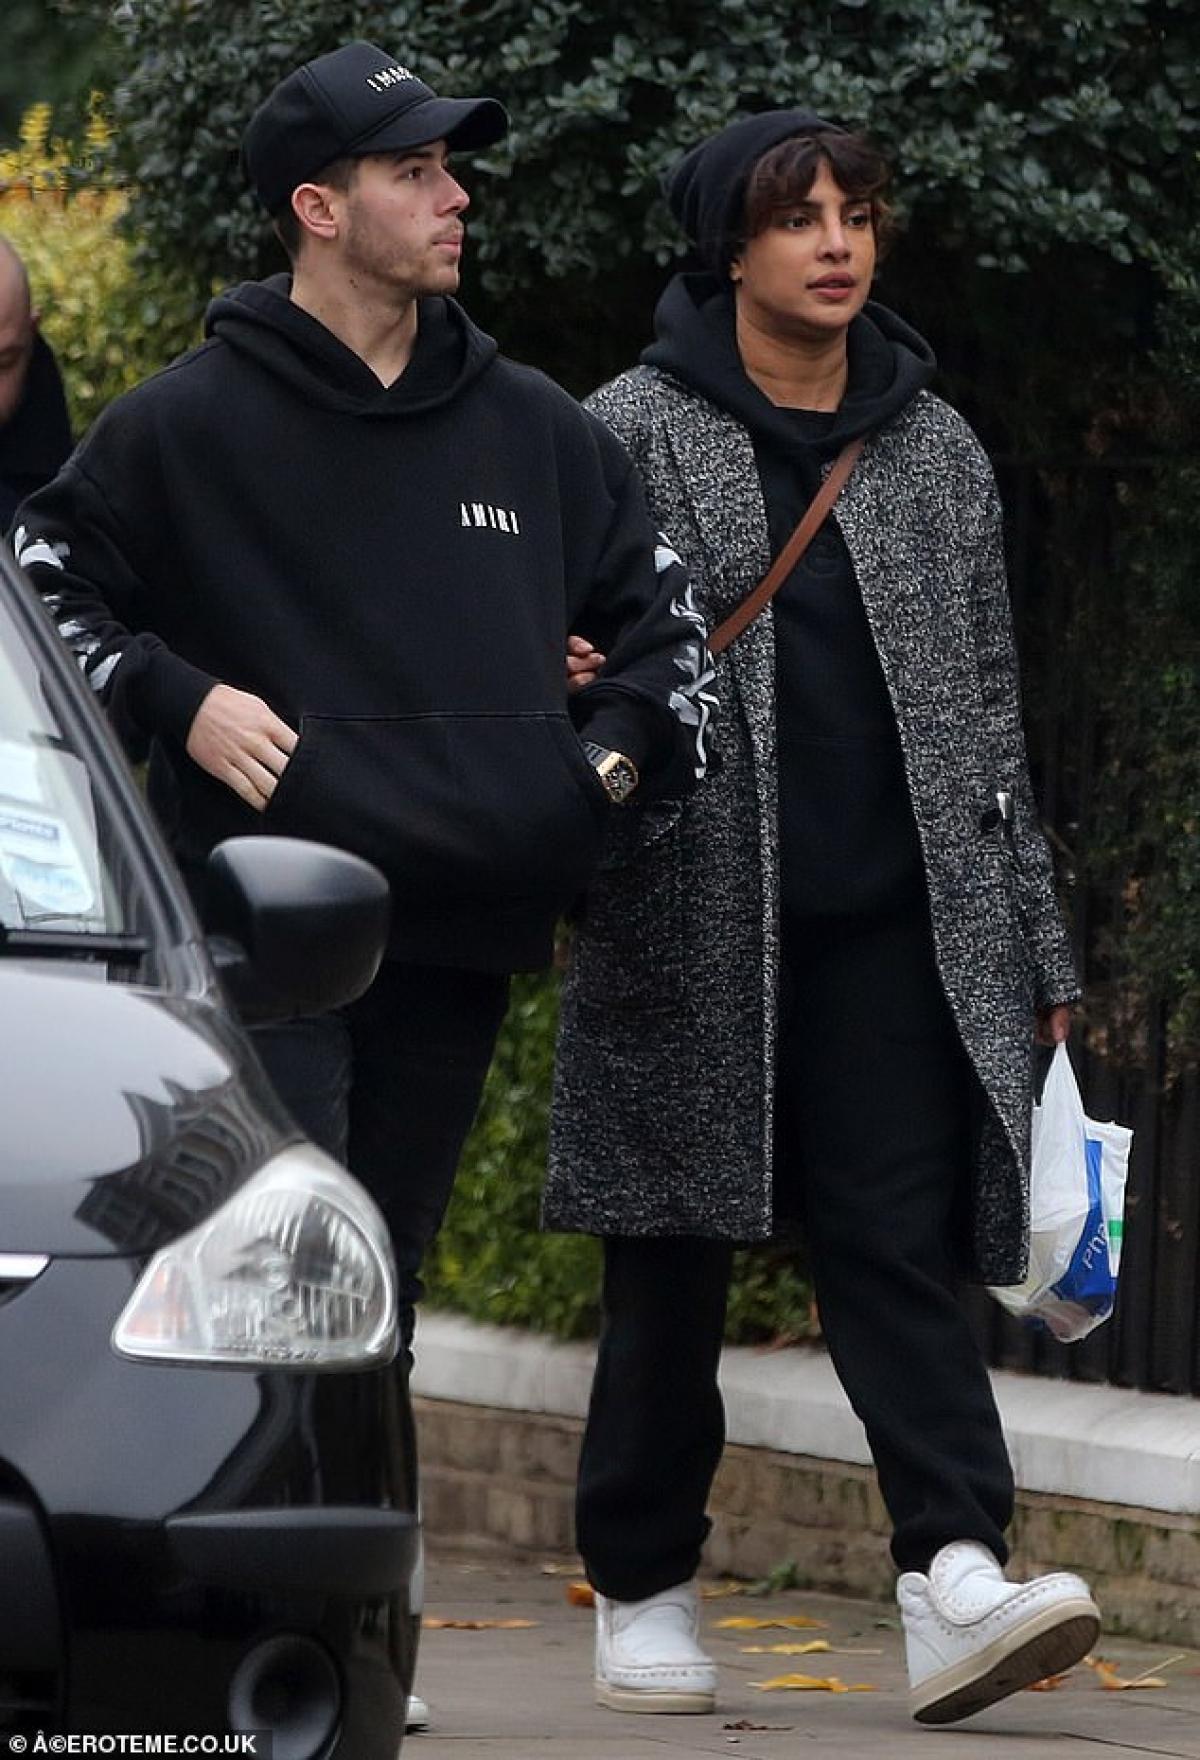 Priyanka Chopra và ông xã Nick Jonas tình tứ khoác tay nhau đi dạo trên đường phố London ngày 1/12 vừa qua. Được biết, cặp đôi tới Anh kỷ niệm 2 năm ngày cưới.